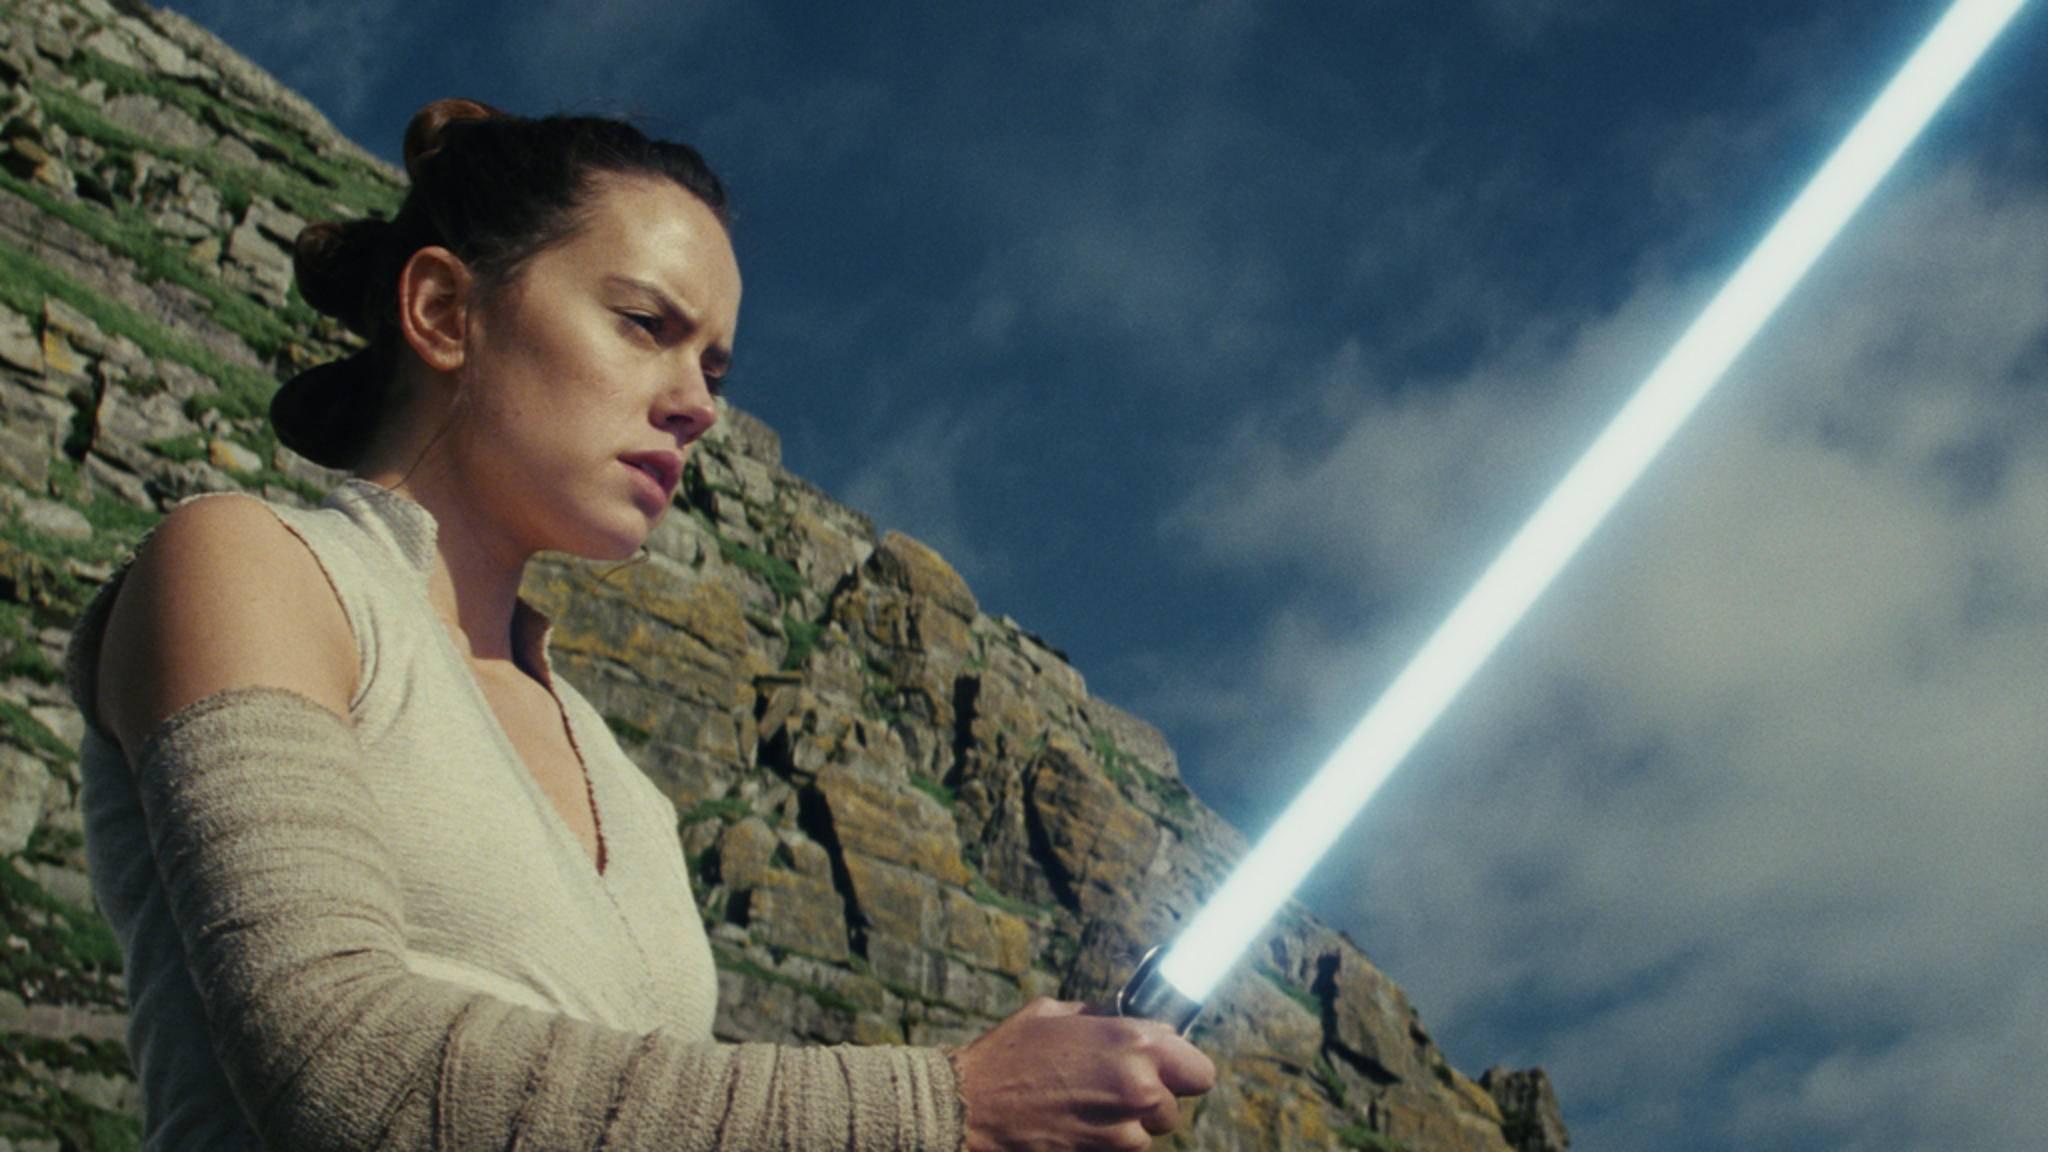 """Der klare Kinotipp für das Wochenende: """"Star Wars""""!"""